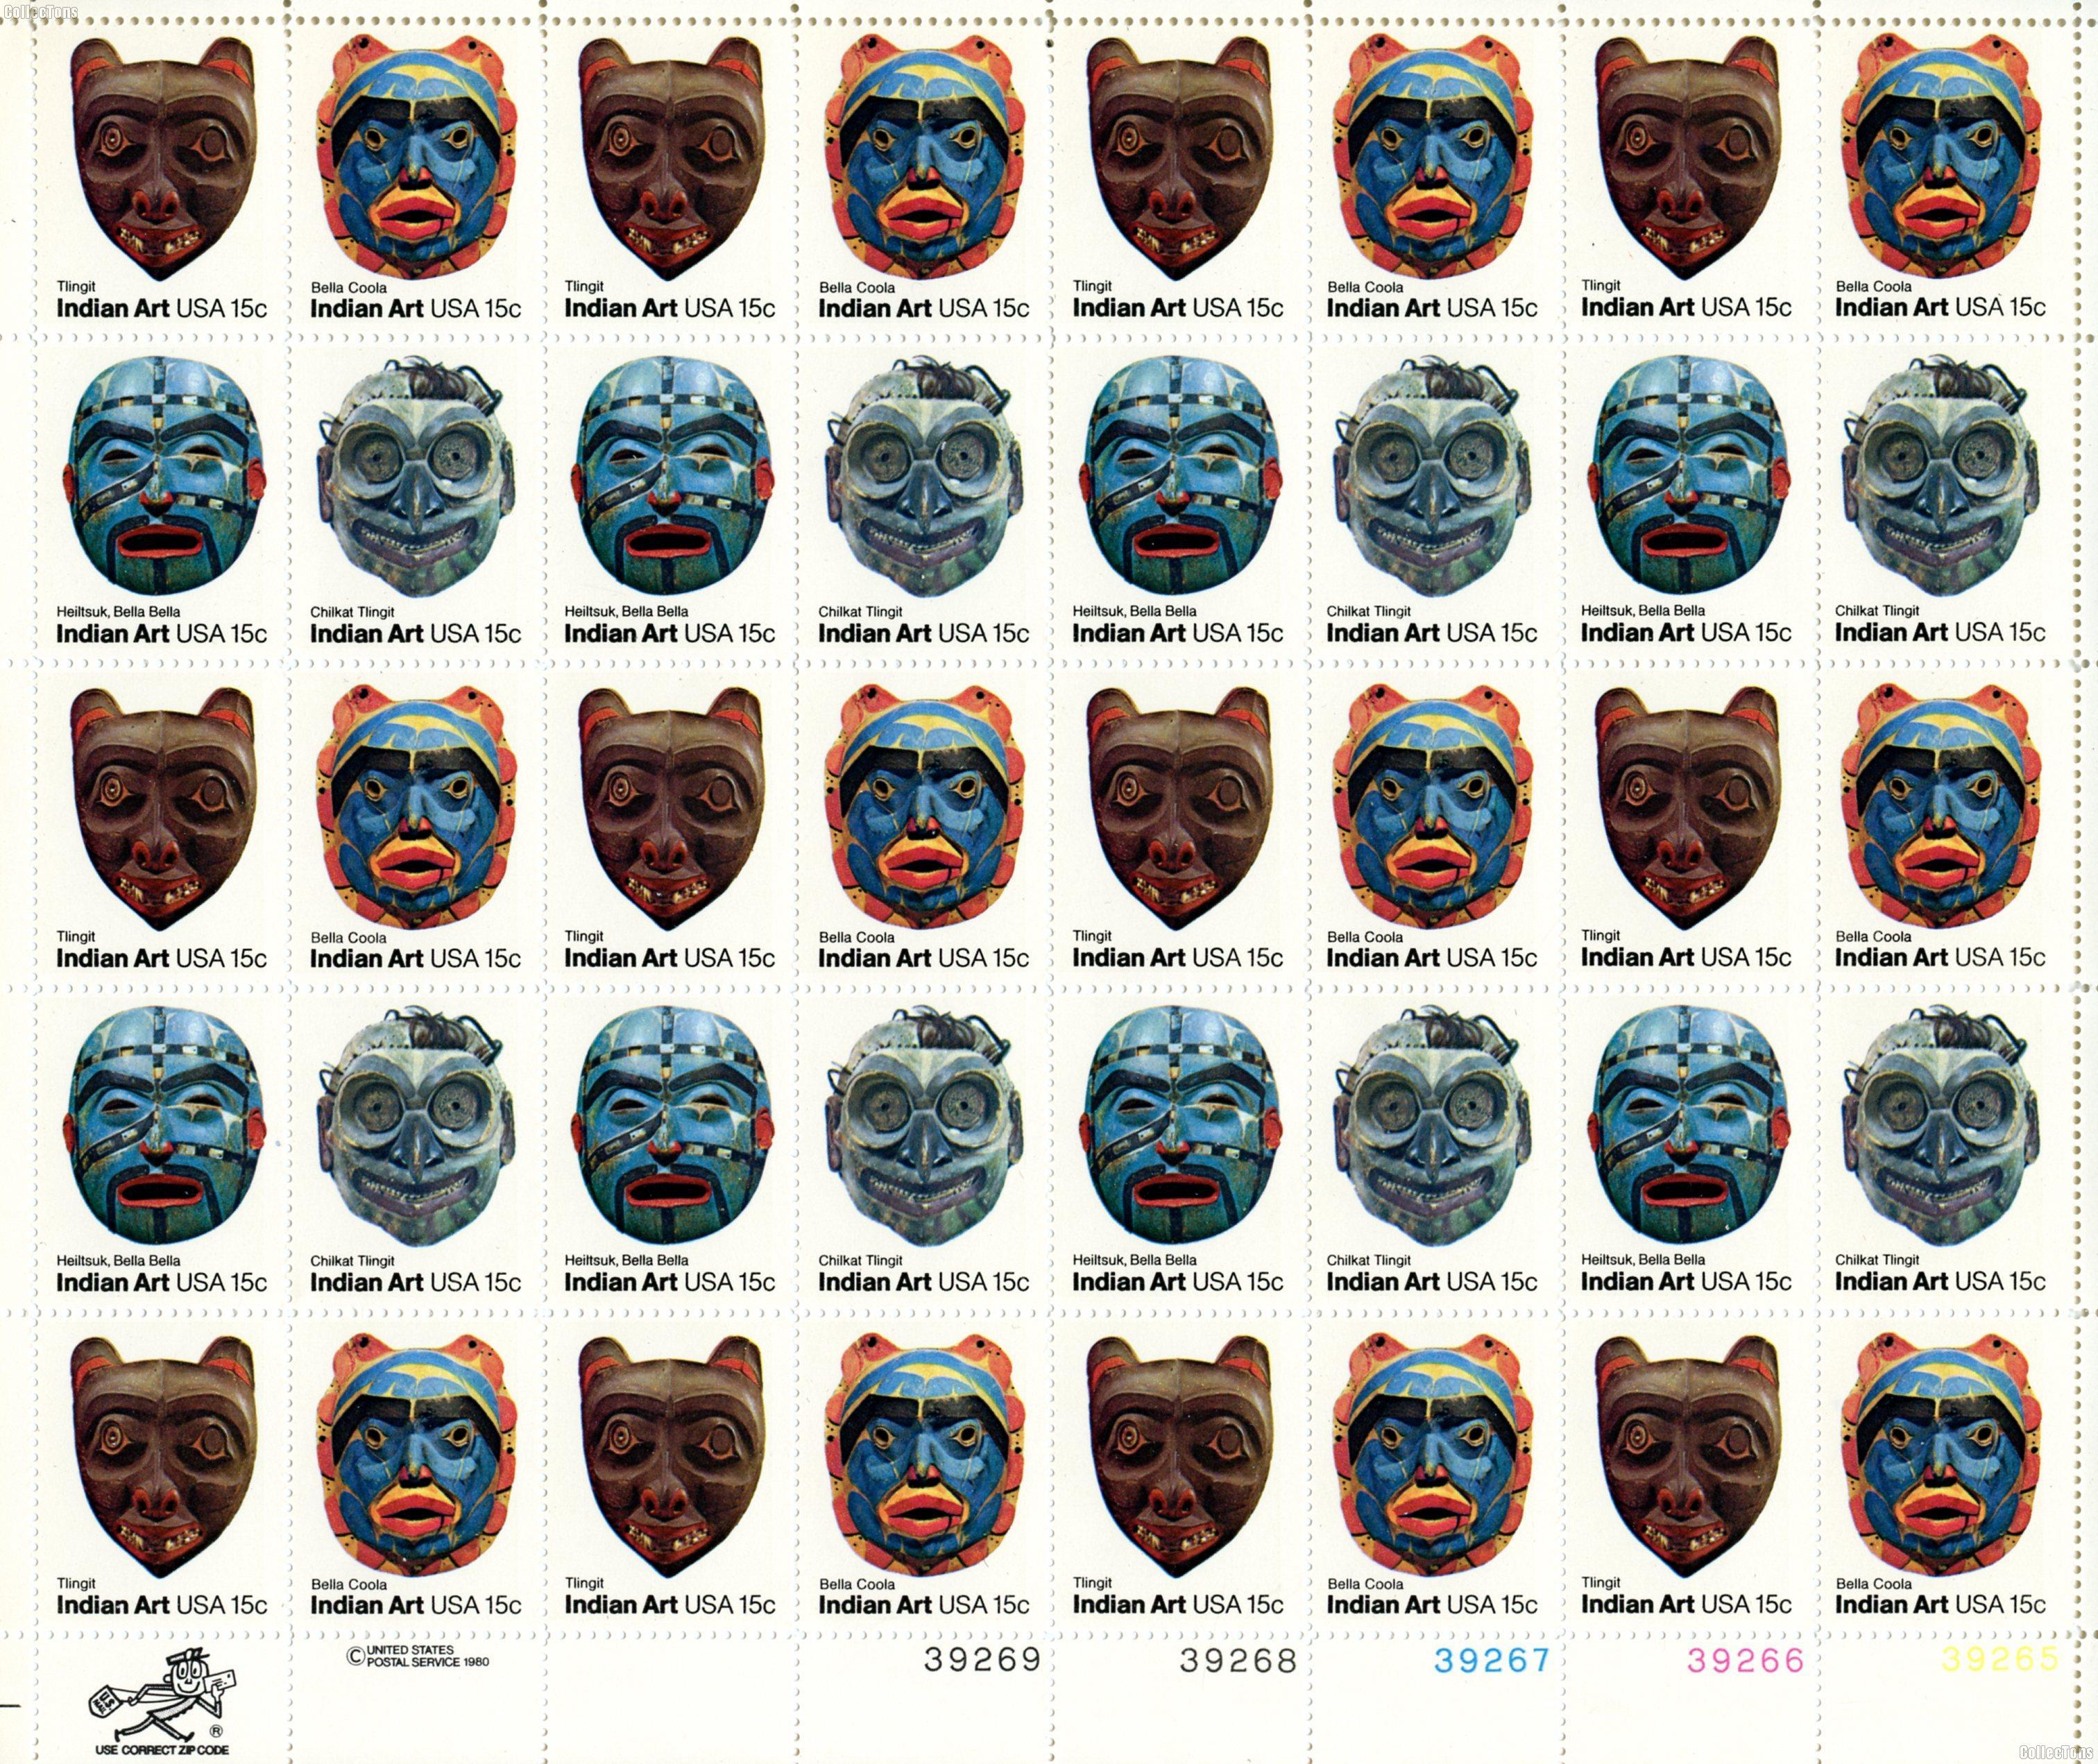 1980 Indian Masks 22 Cent US Postage Stamp MNH Sheet of 50 Scott #1834-1837